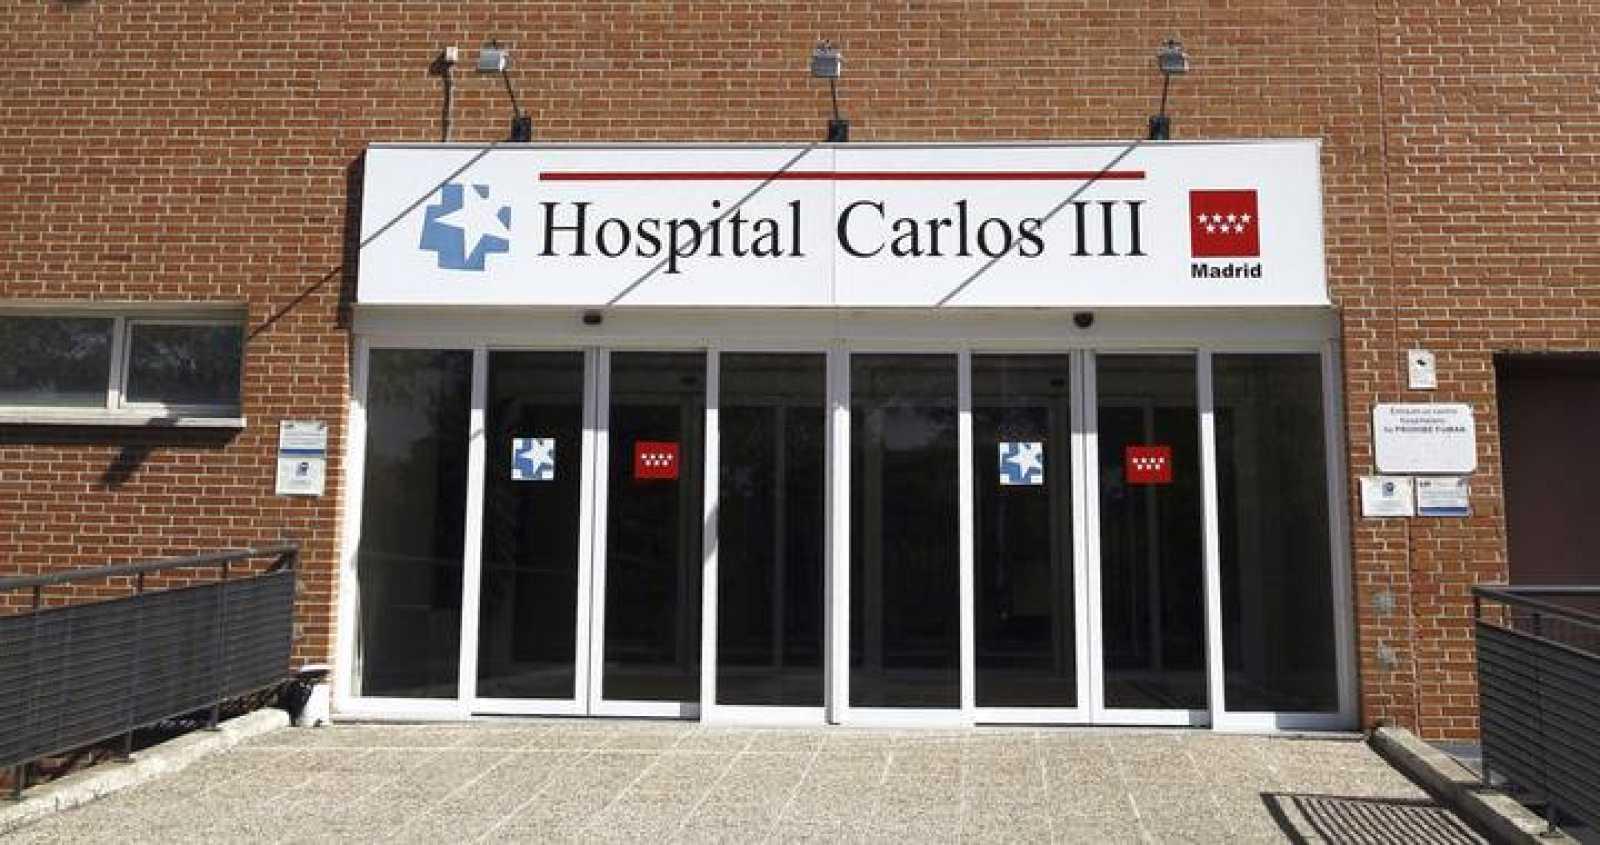 Puerta de entrada al Hospital Carlos III de Madrid